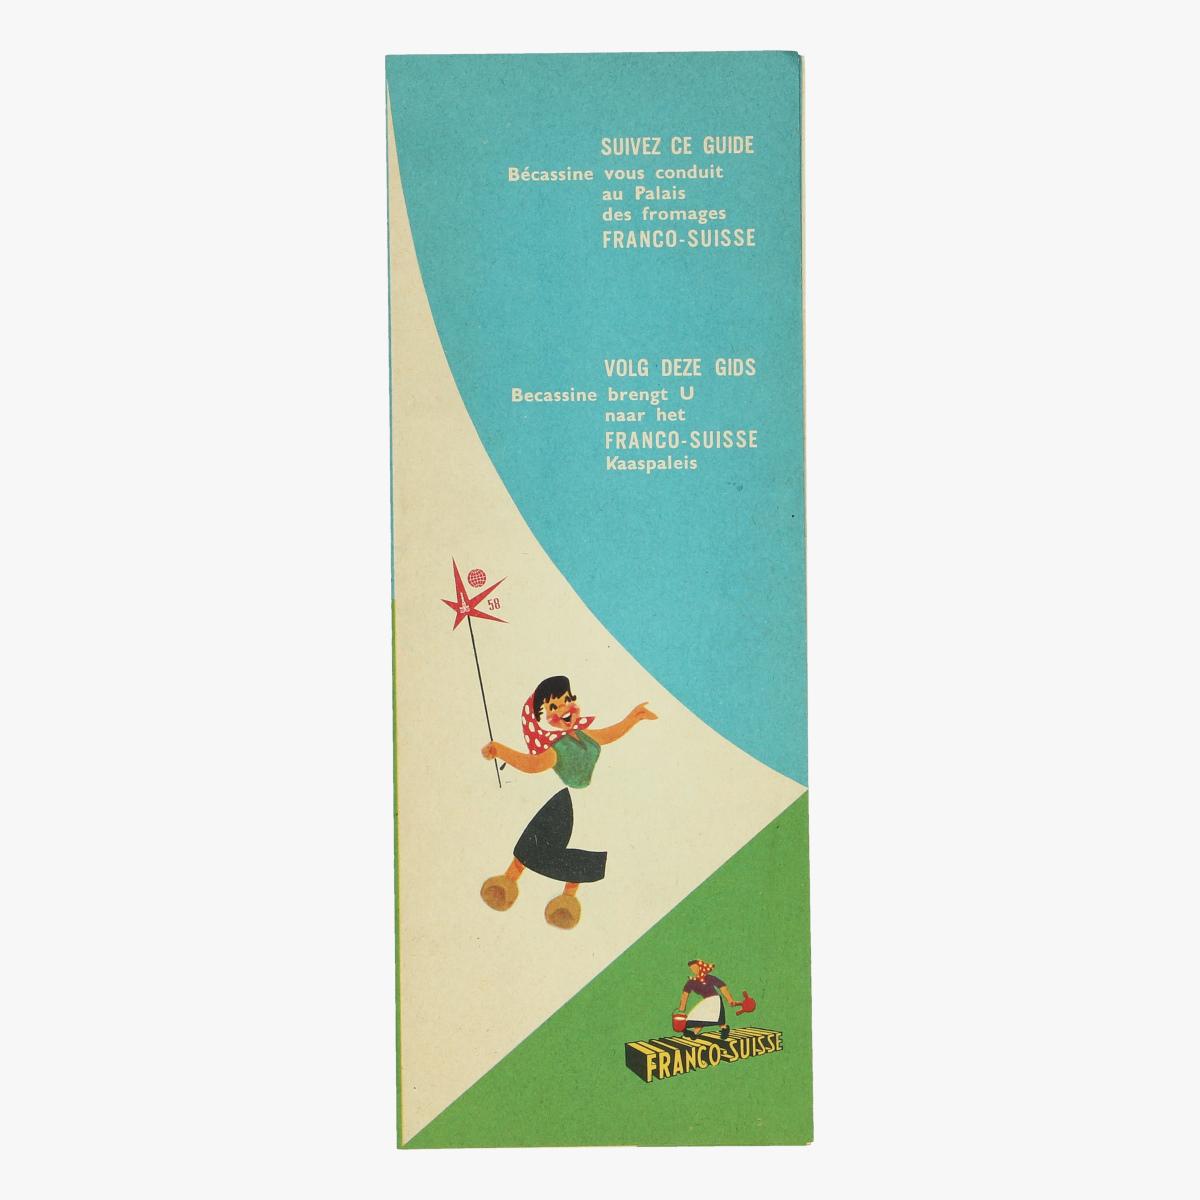 Afbeeldingen van expo 58 volg deze gids becassine brengt u naar het franco suisse kaaspaleis